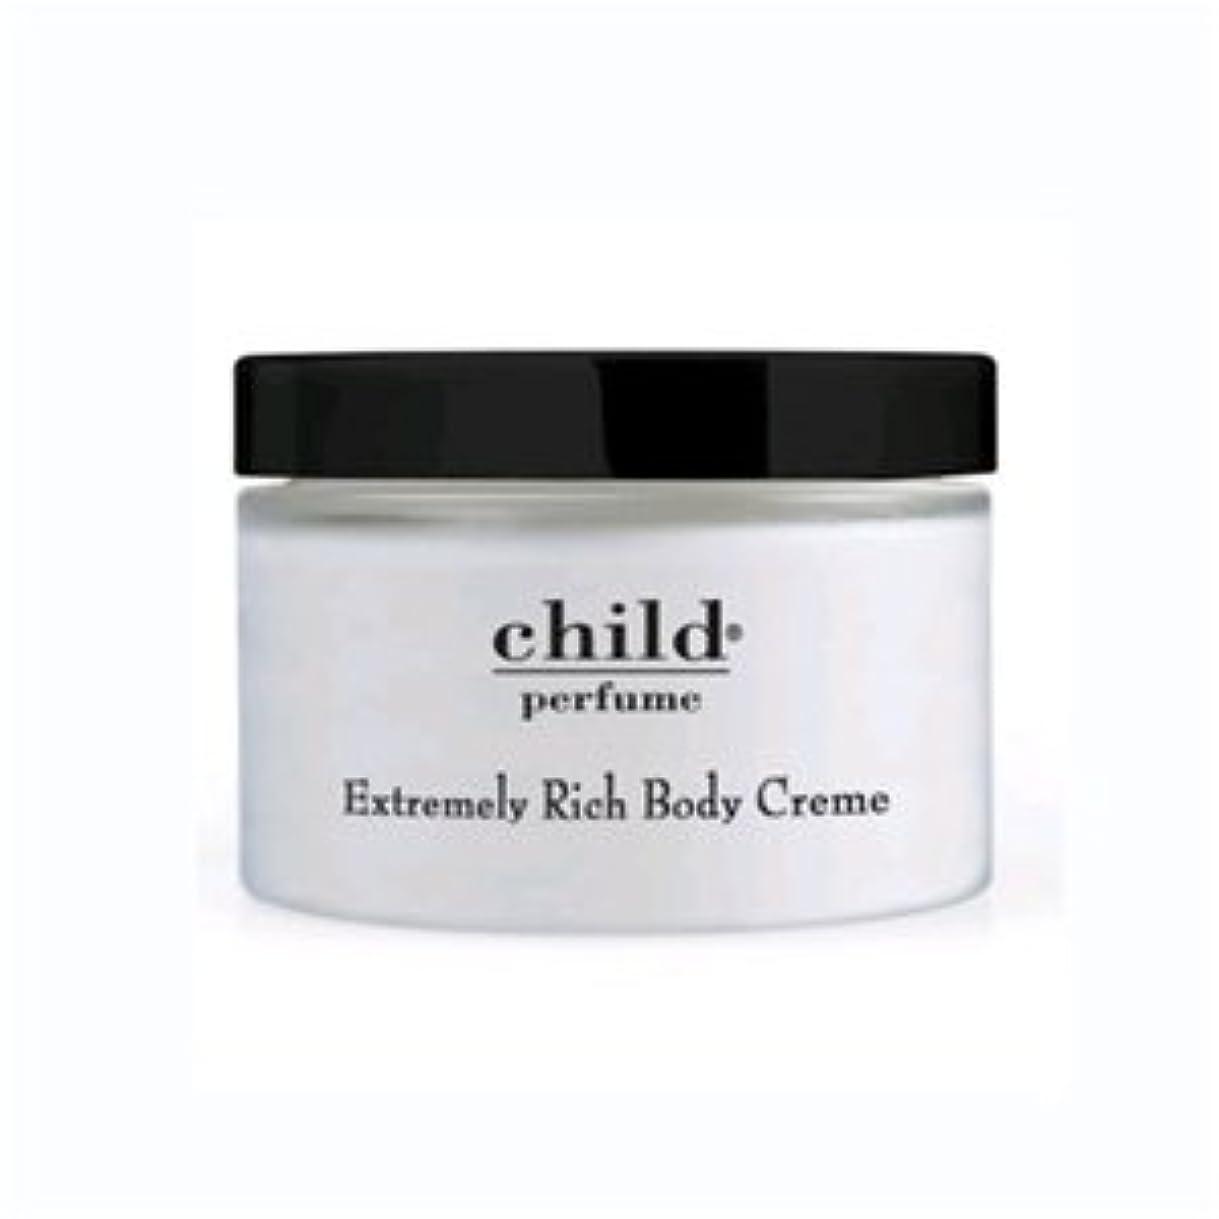 プロポーショナル複製かもしれないChild Extremely Rich Body Creme (チャイルド エクストリームリーリッチ ボディークリーム) 8.0 oz (240ml) by Child for Women